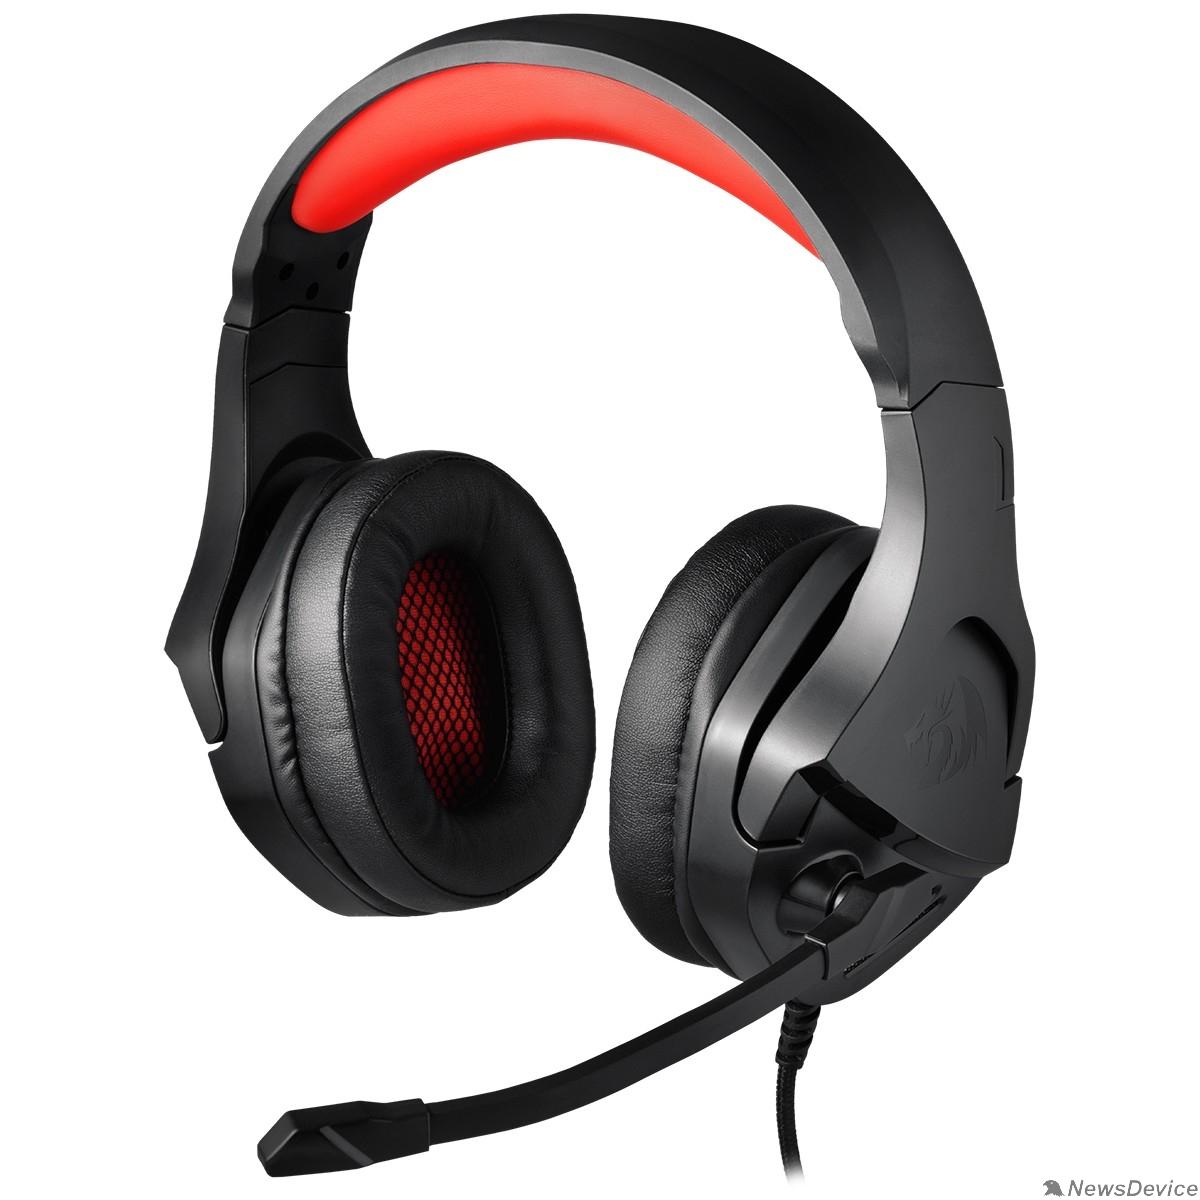 Наушники Defender Theseus красный + черный, кабель 2 м Redragon